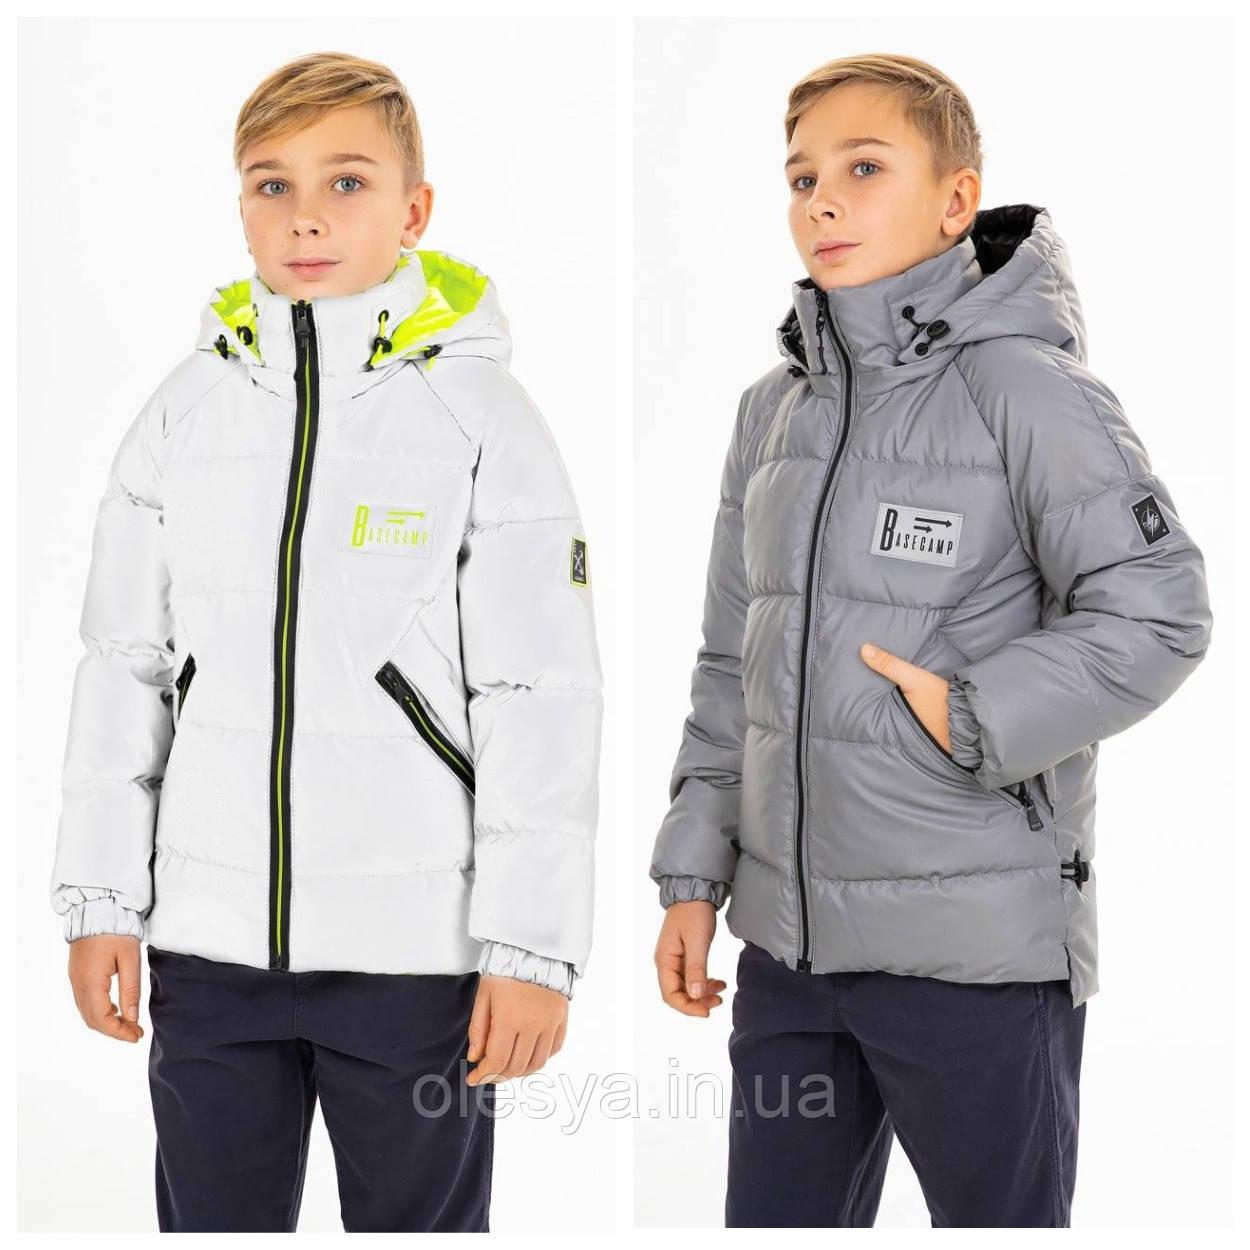 Светоотражающая рефлективная куртка Итан для мальчиков размеры 140- 158